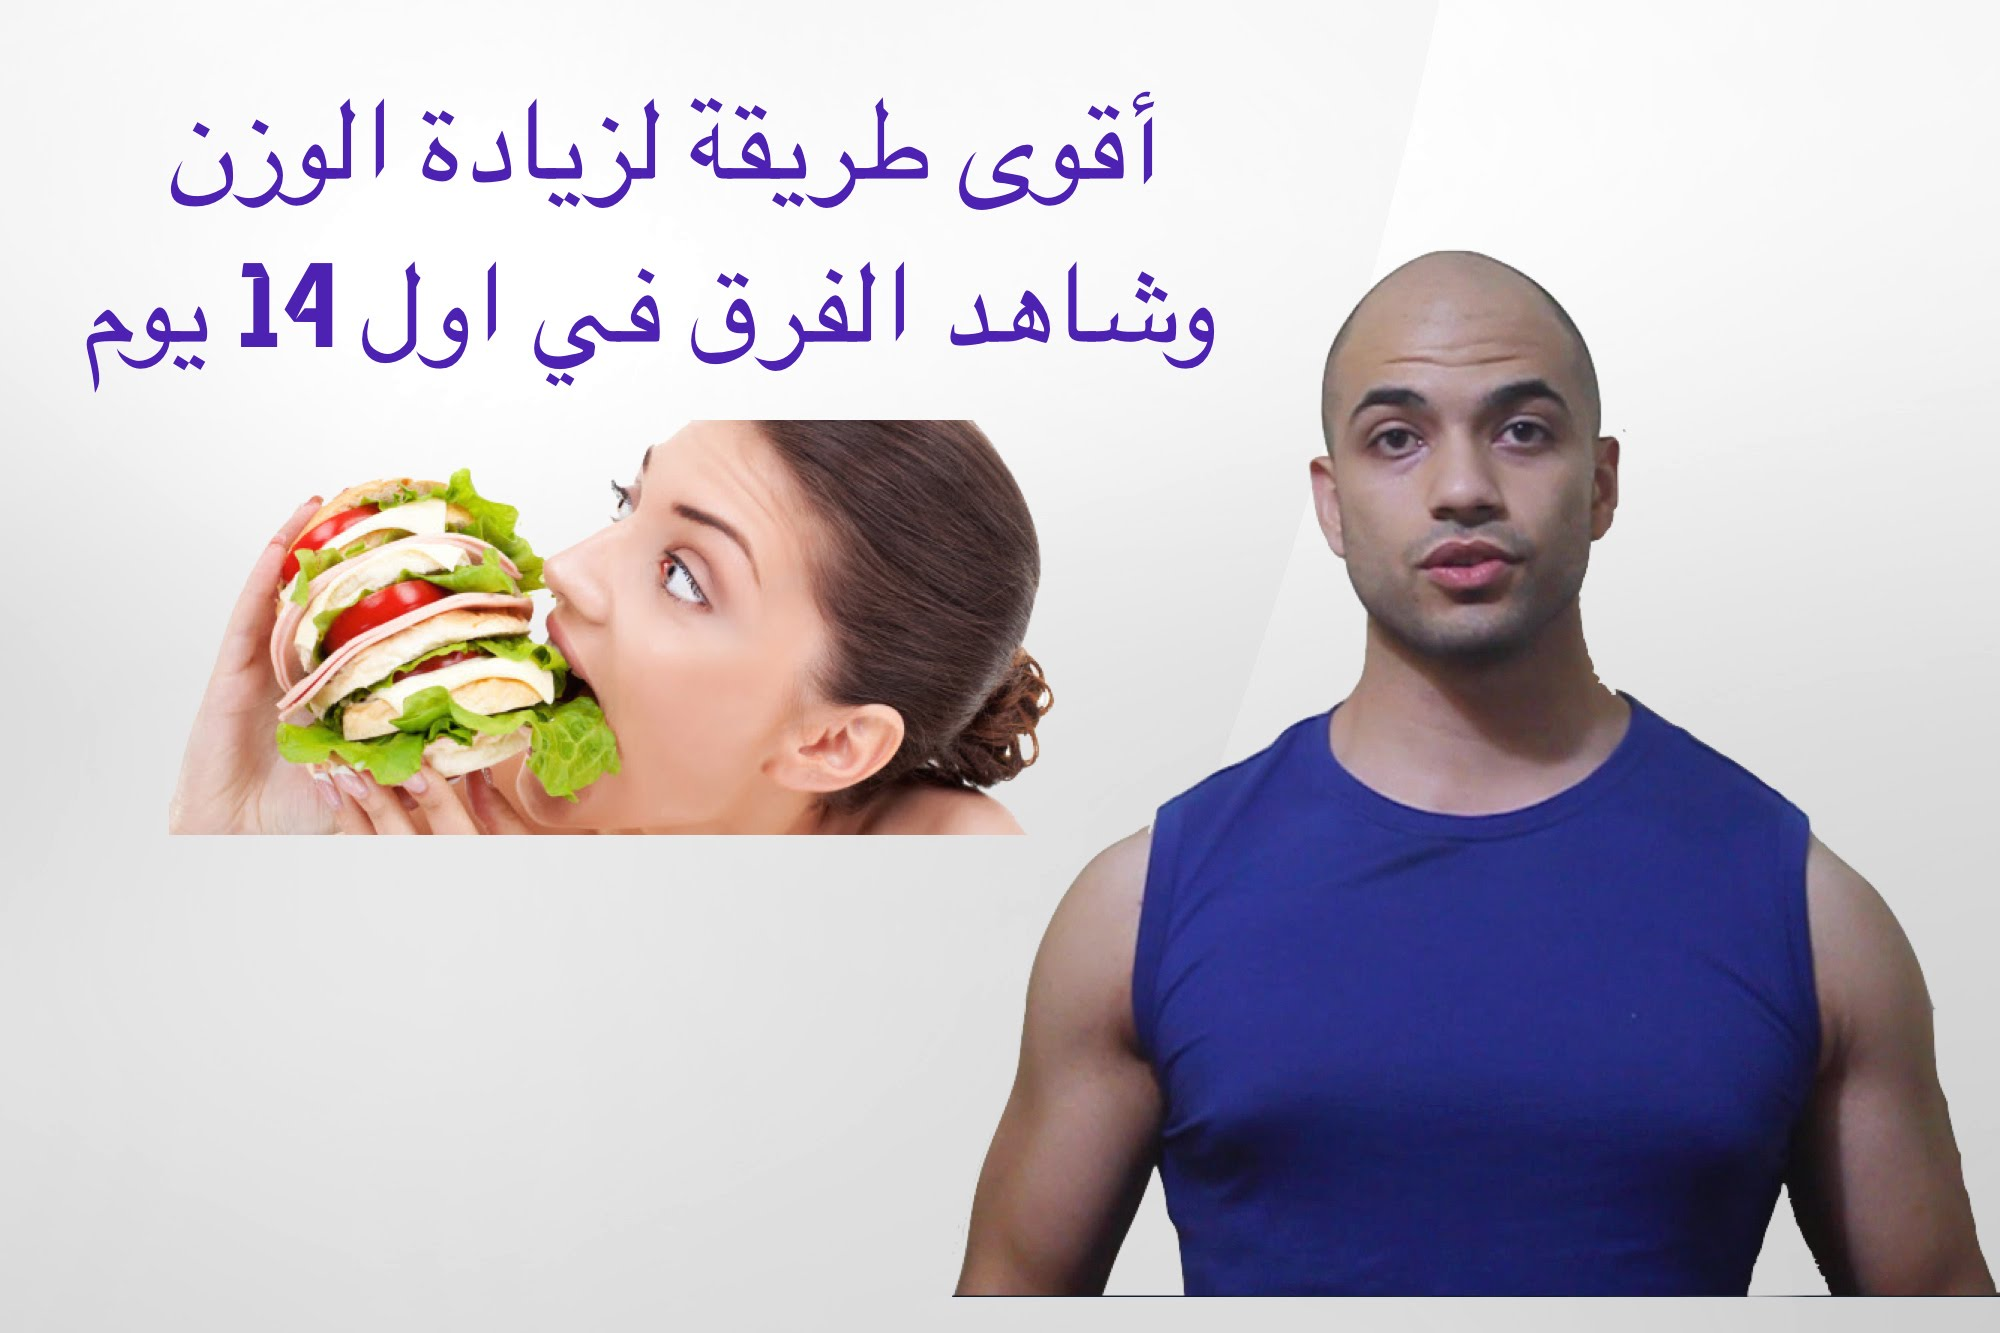 صوره كيفية زيادة الوزن , تناول سعريات حرارية